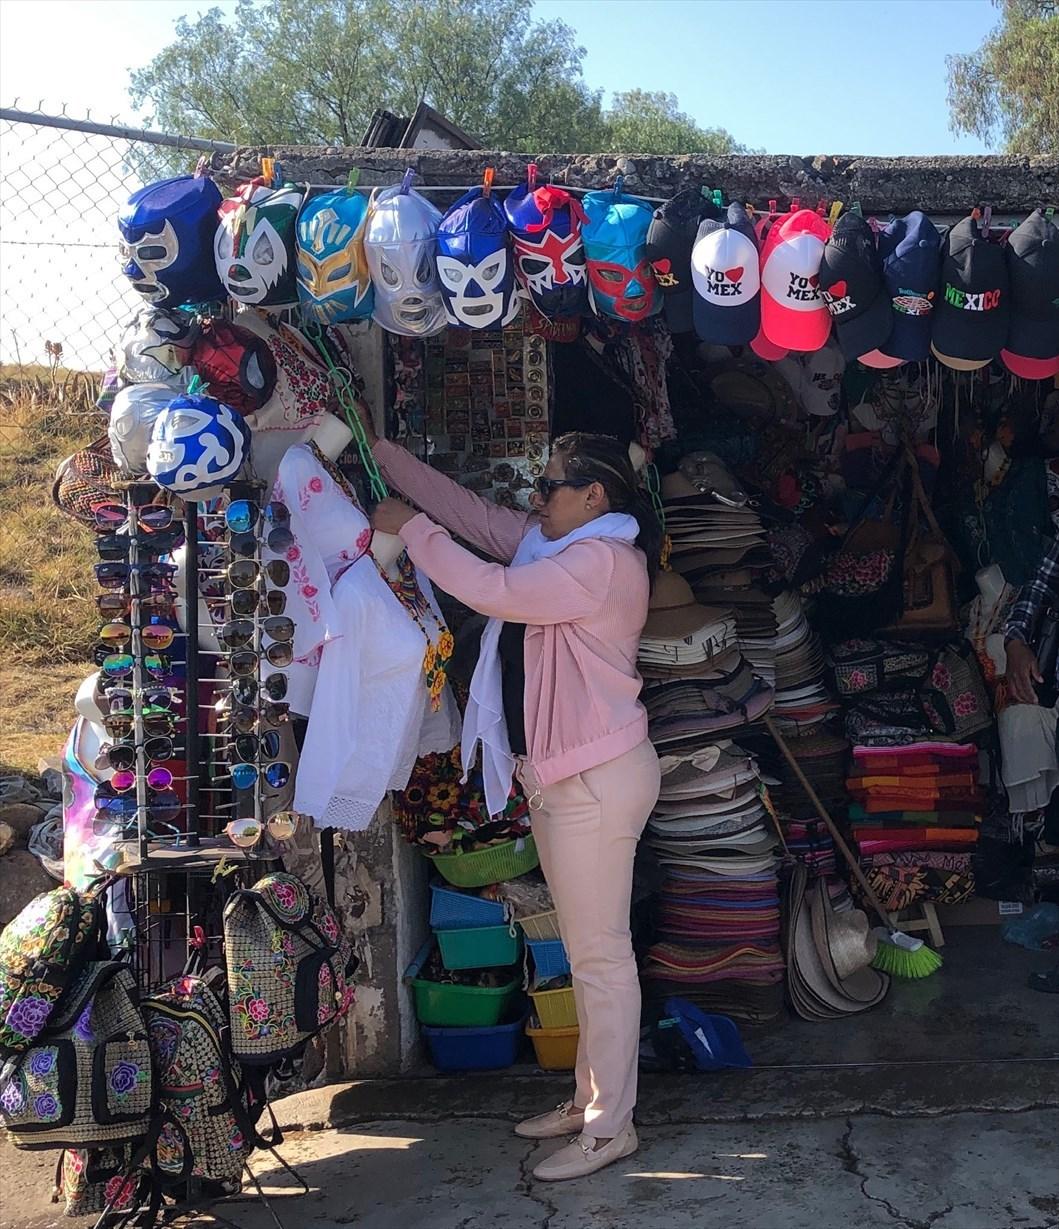 中南米の旅/67 テオティワカン遺跡の土産屋@メキシコ_a0092659_23402278.jpg